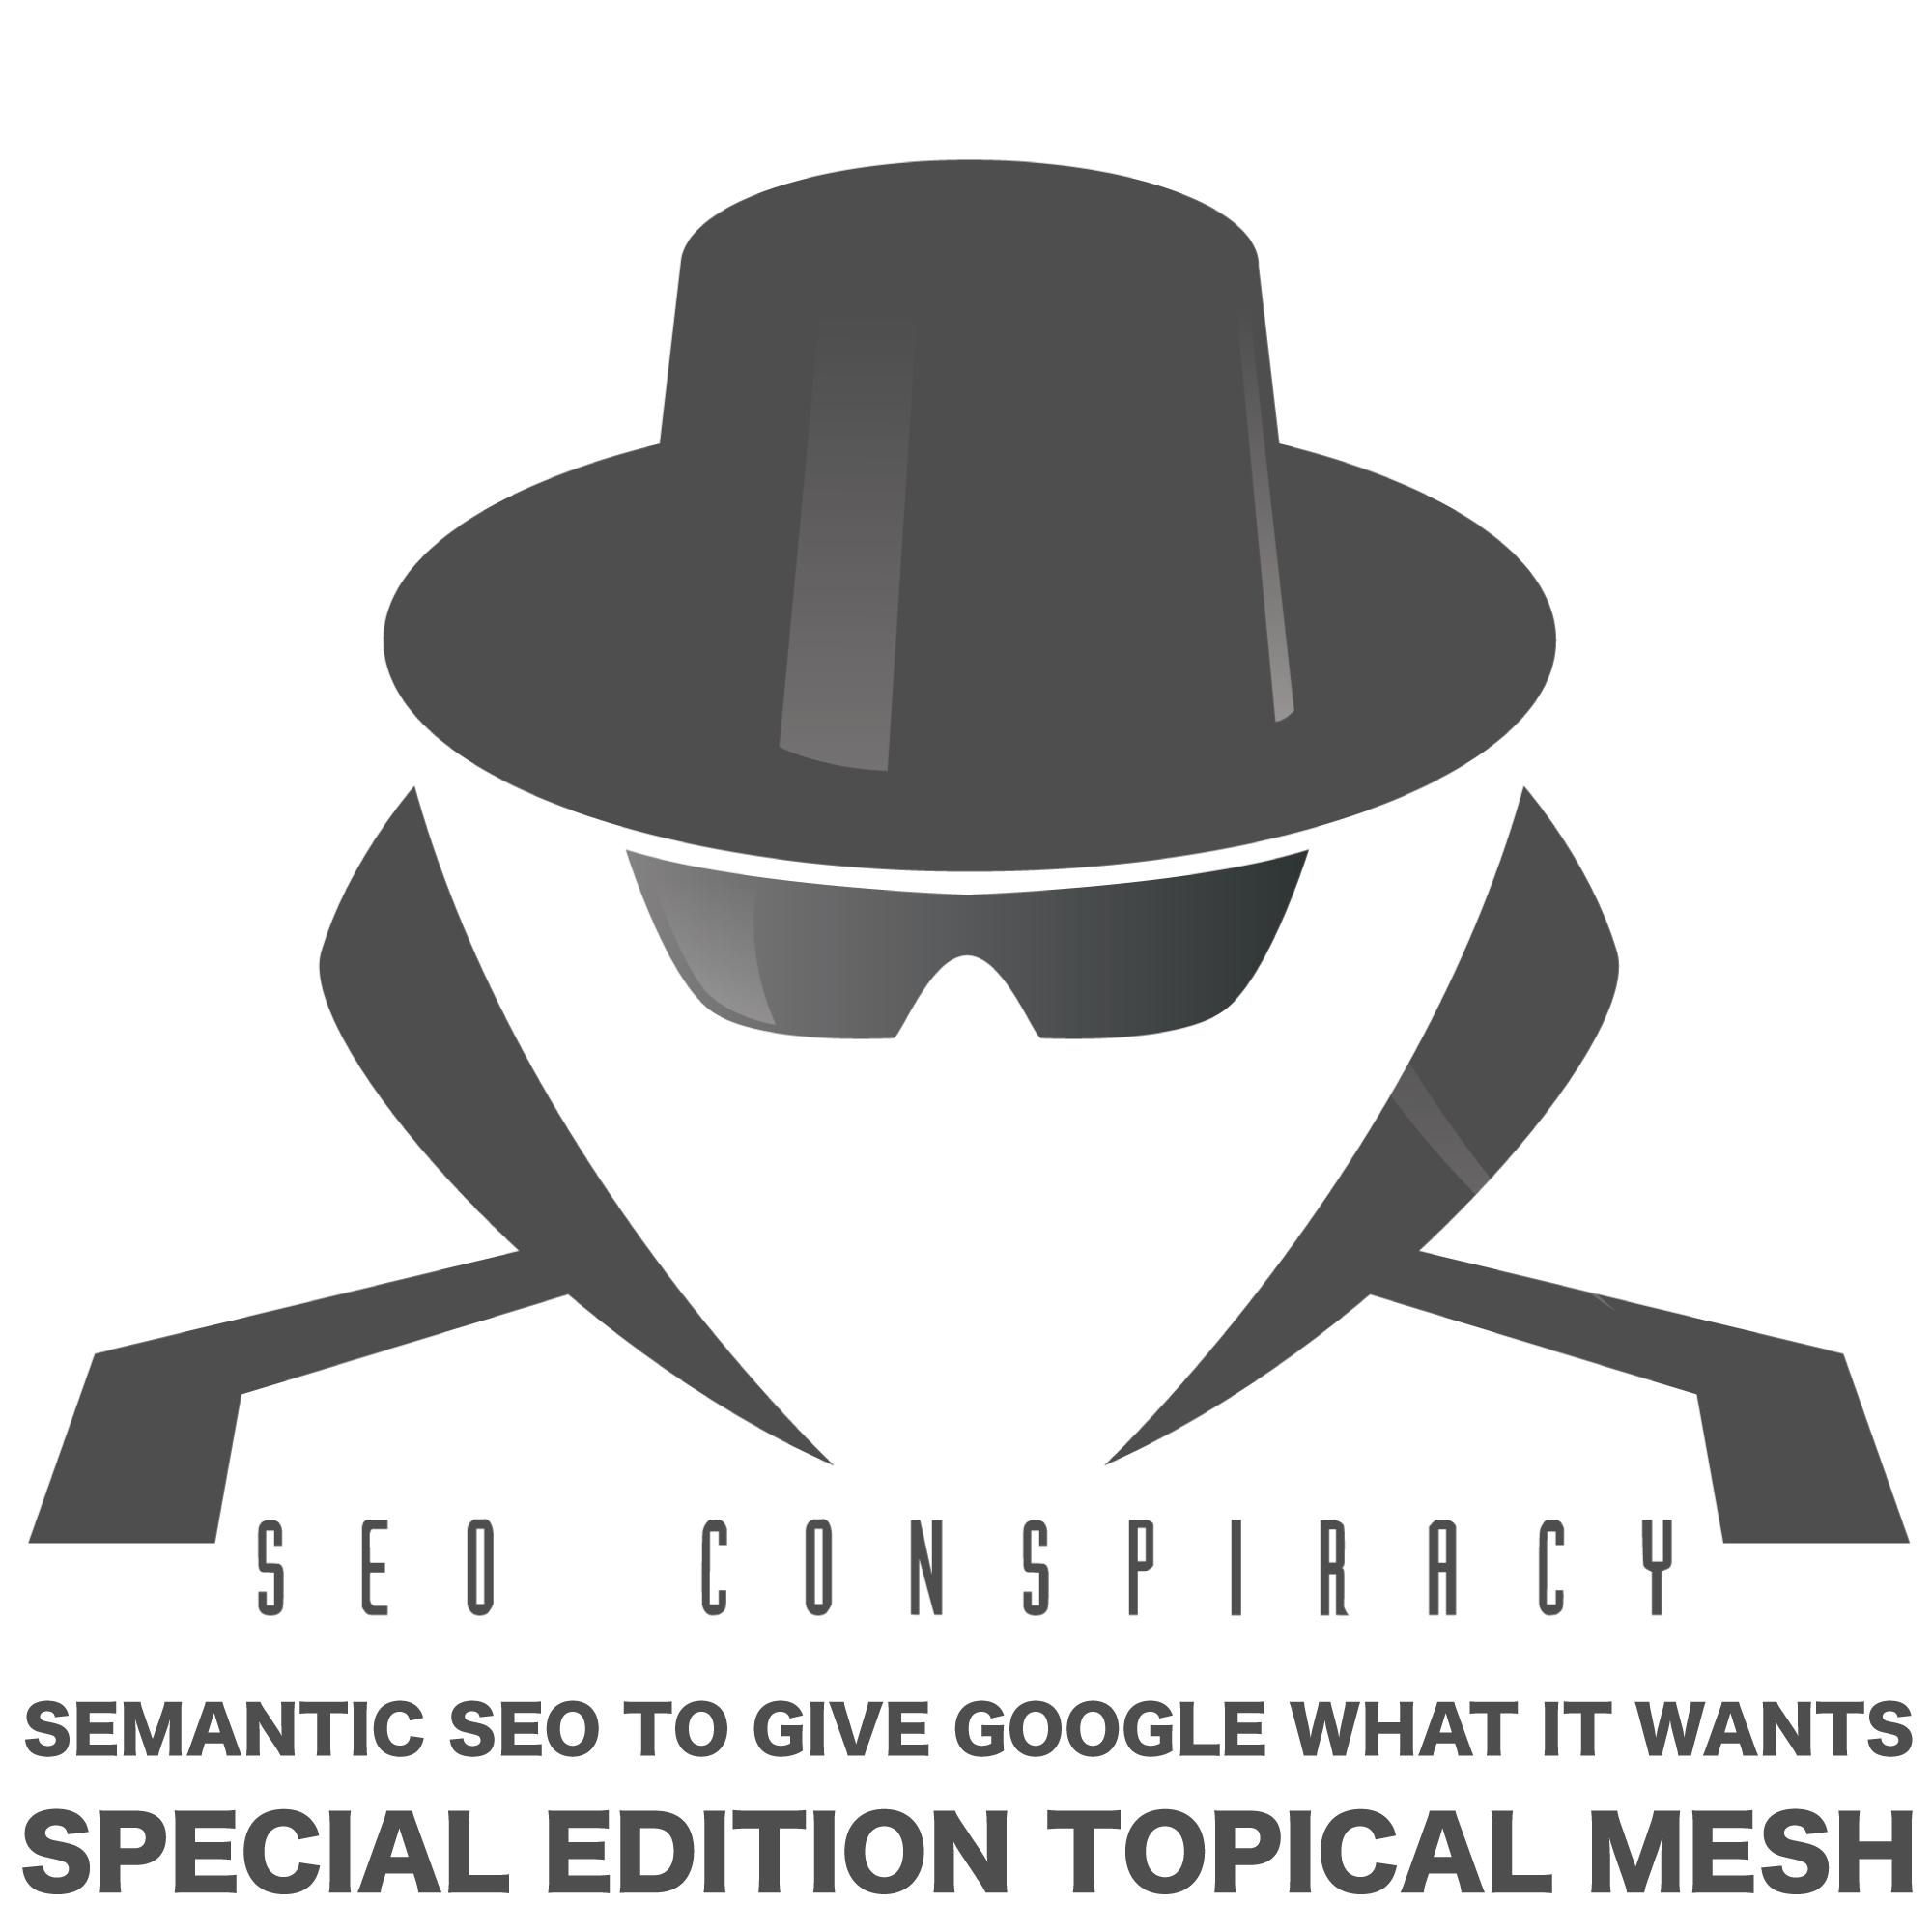 Semantic SEO / Topical Mesh